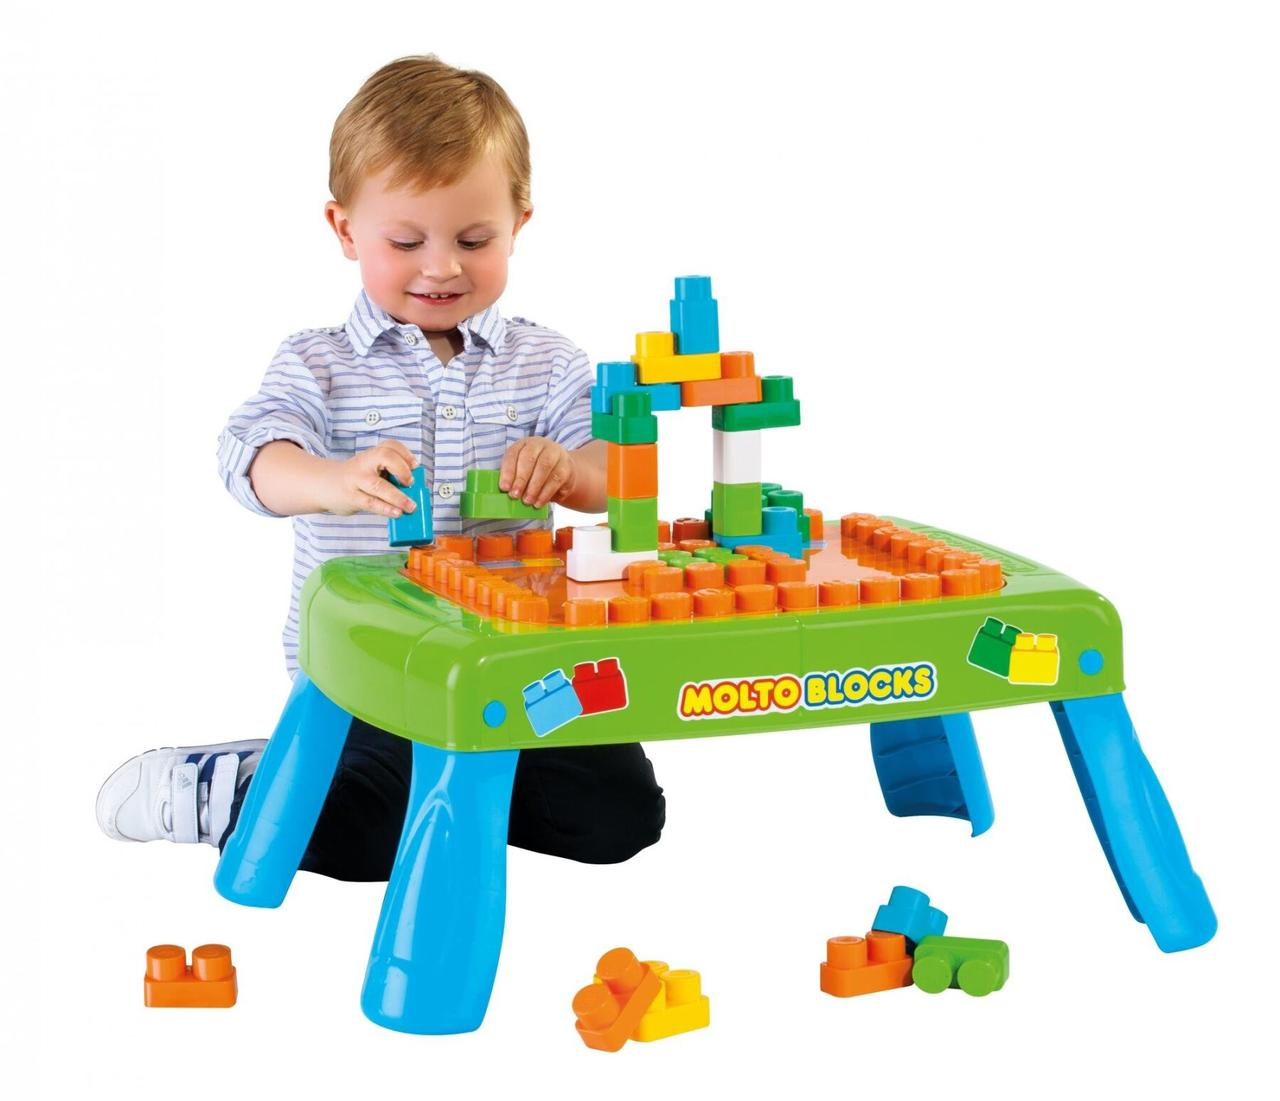 Развивающий набор Polesie: столик с конструктором , 20 элементов (57990)